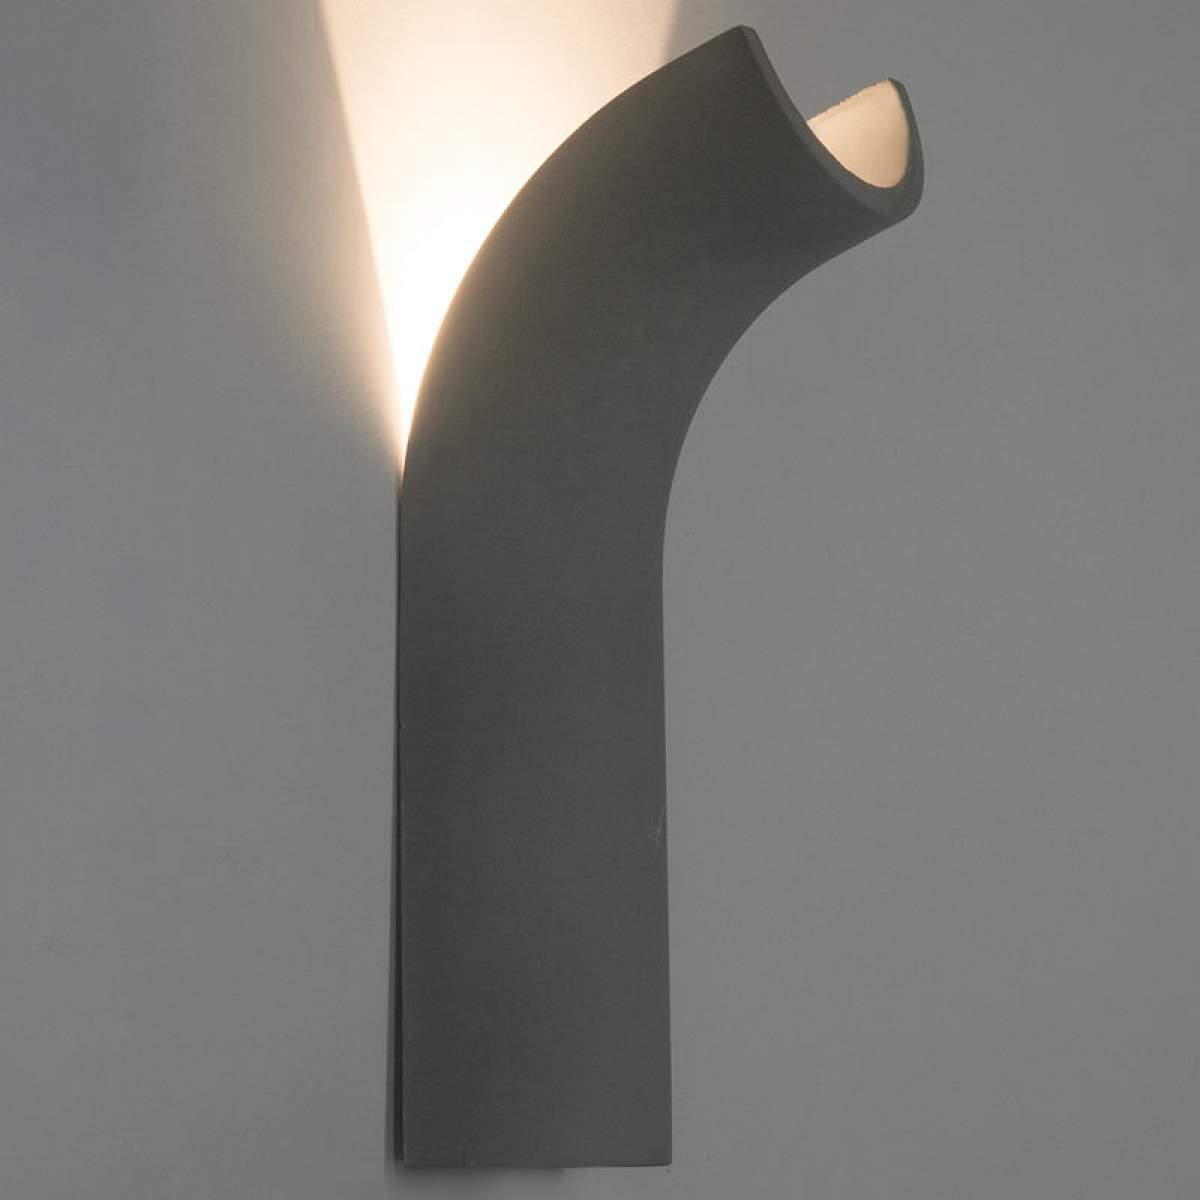 Applique a LED Timo, forma flessa, effetto cemento Illuminazione per interni